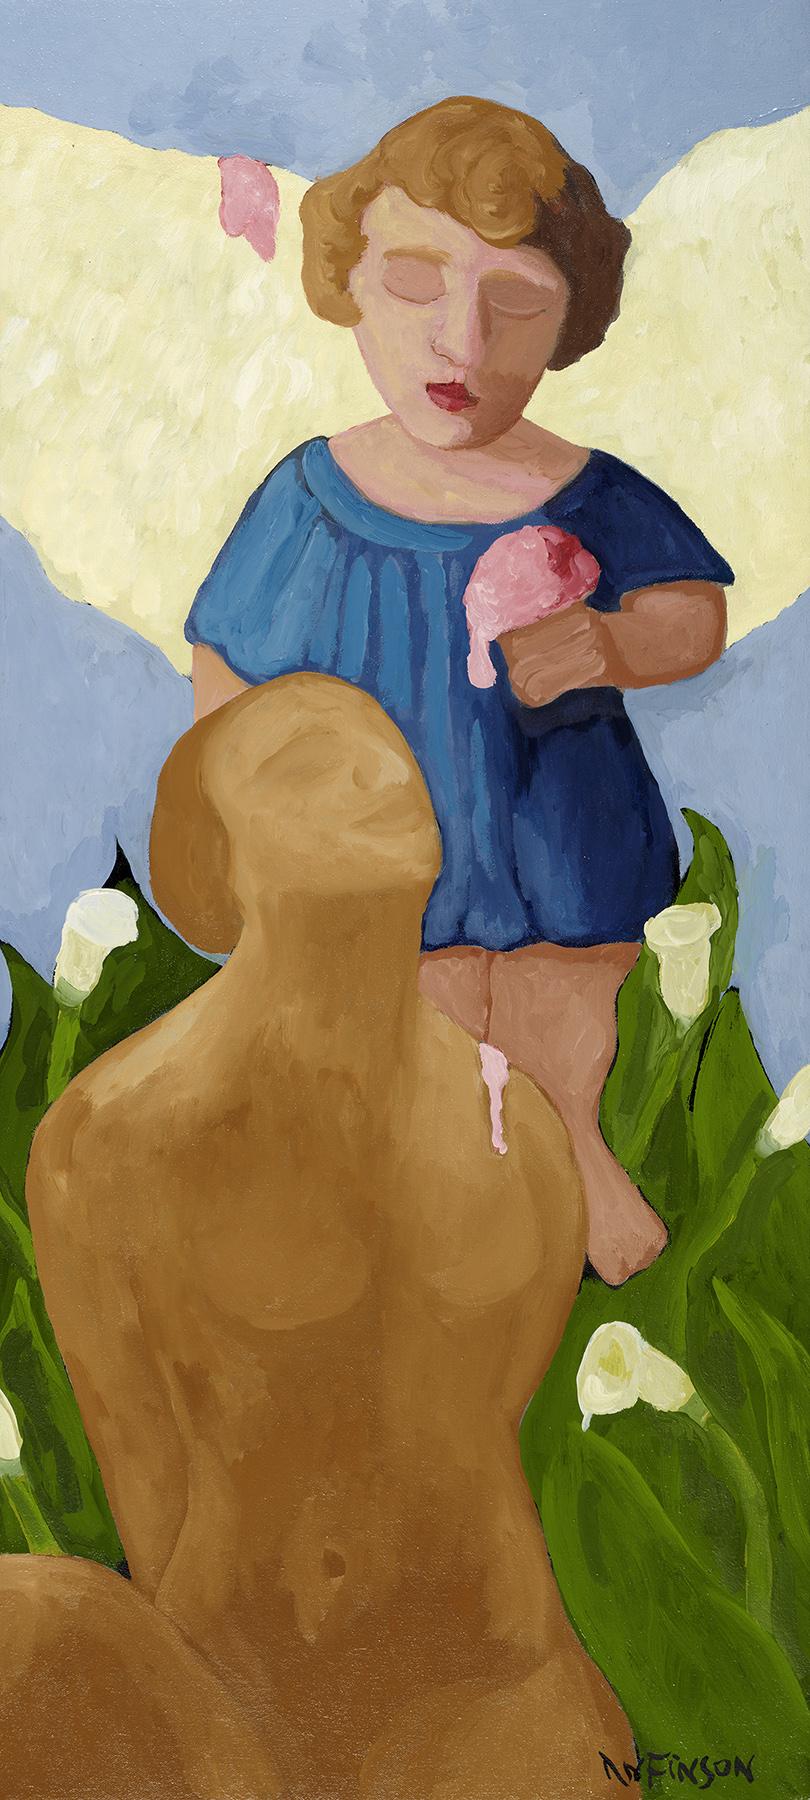 angels & ice cream  $3000.00  30 x 18 2012